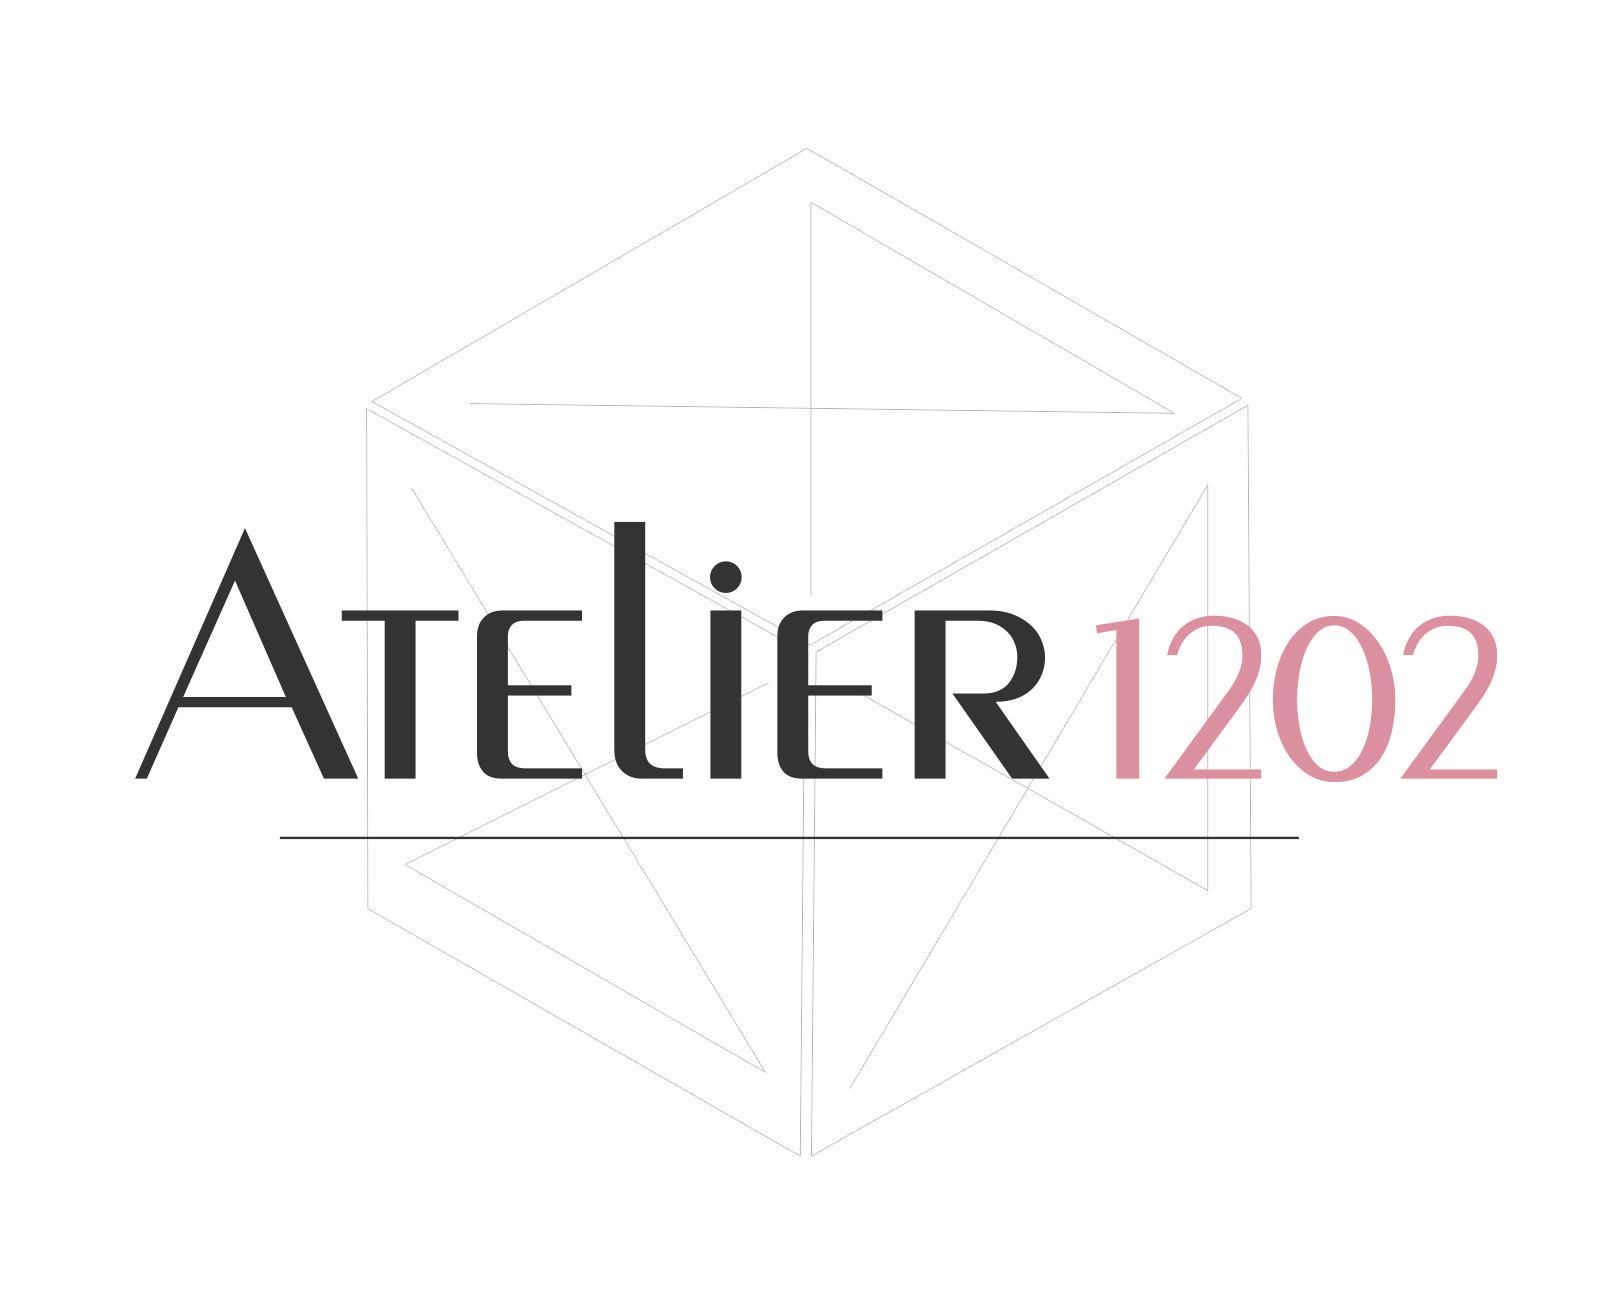 ©Atelier1202